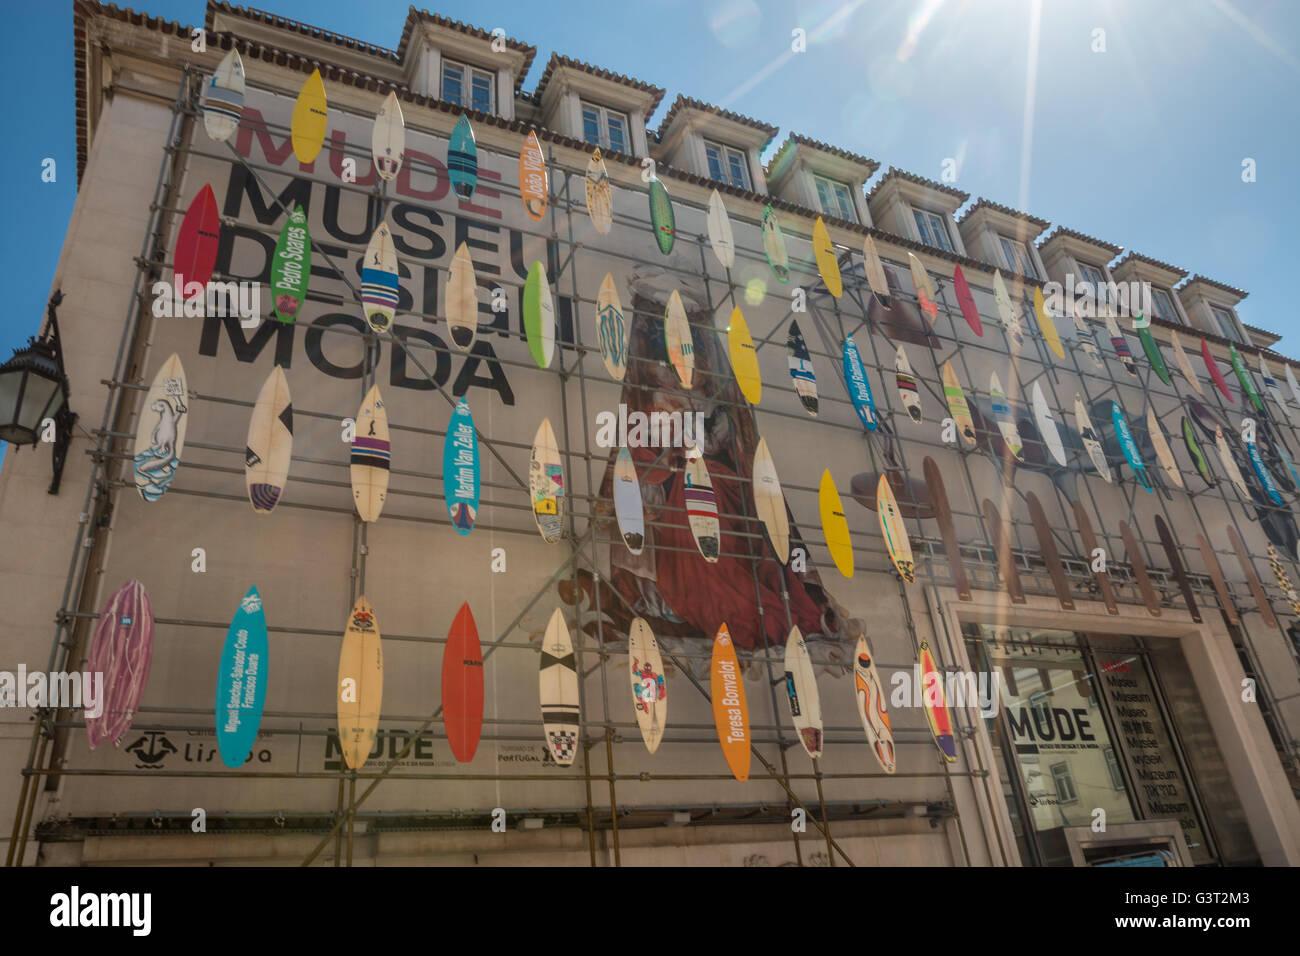 Moda Museum di Lisbona Portogallo Immagini Stock